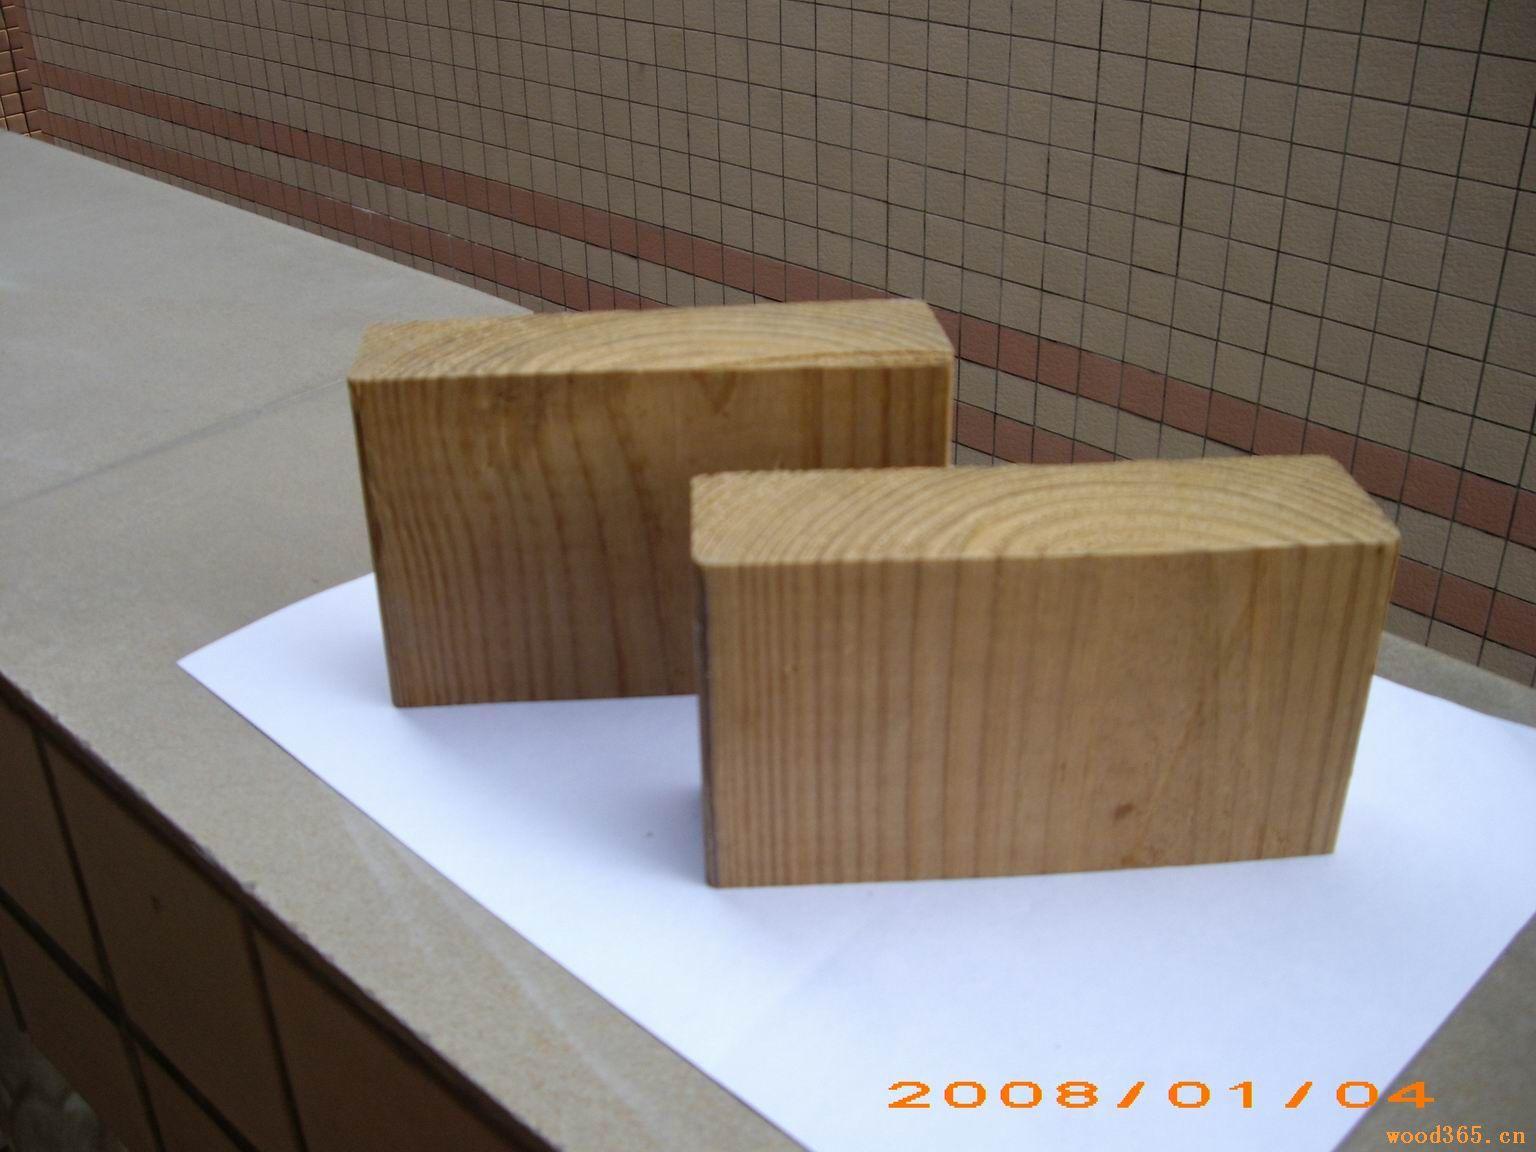 9,供应汤姆逊防腐木涂料  业务范围:     供应防腐木,木结构房屋营